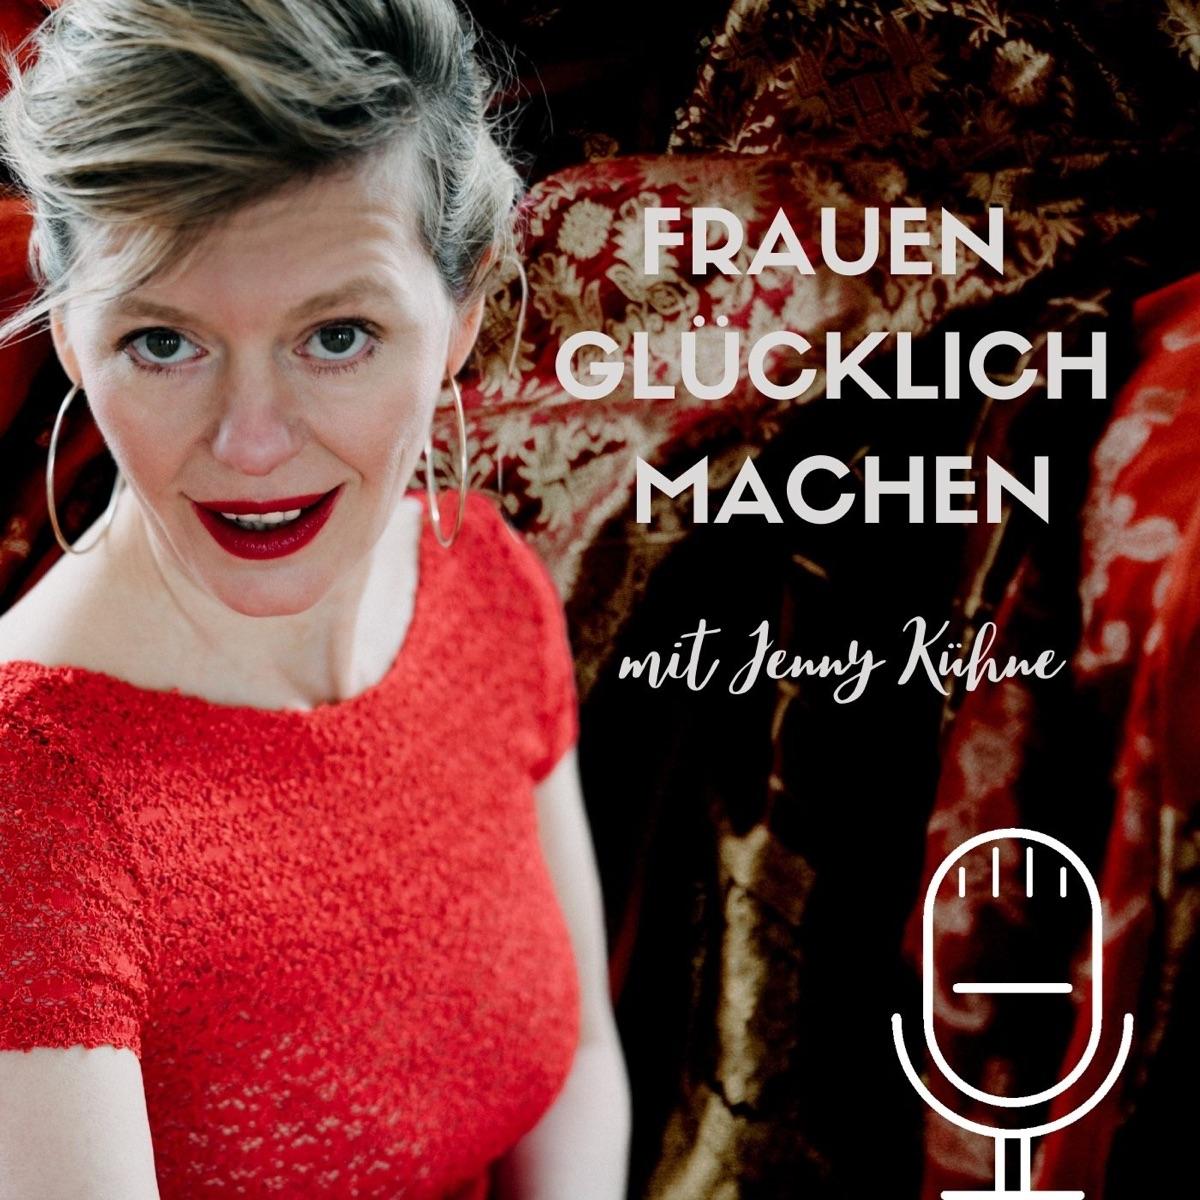 FRAUEN GLÜCKLICH MACHEN - Deutsche Podcasts